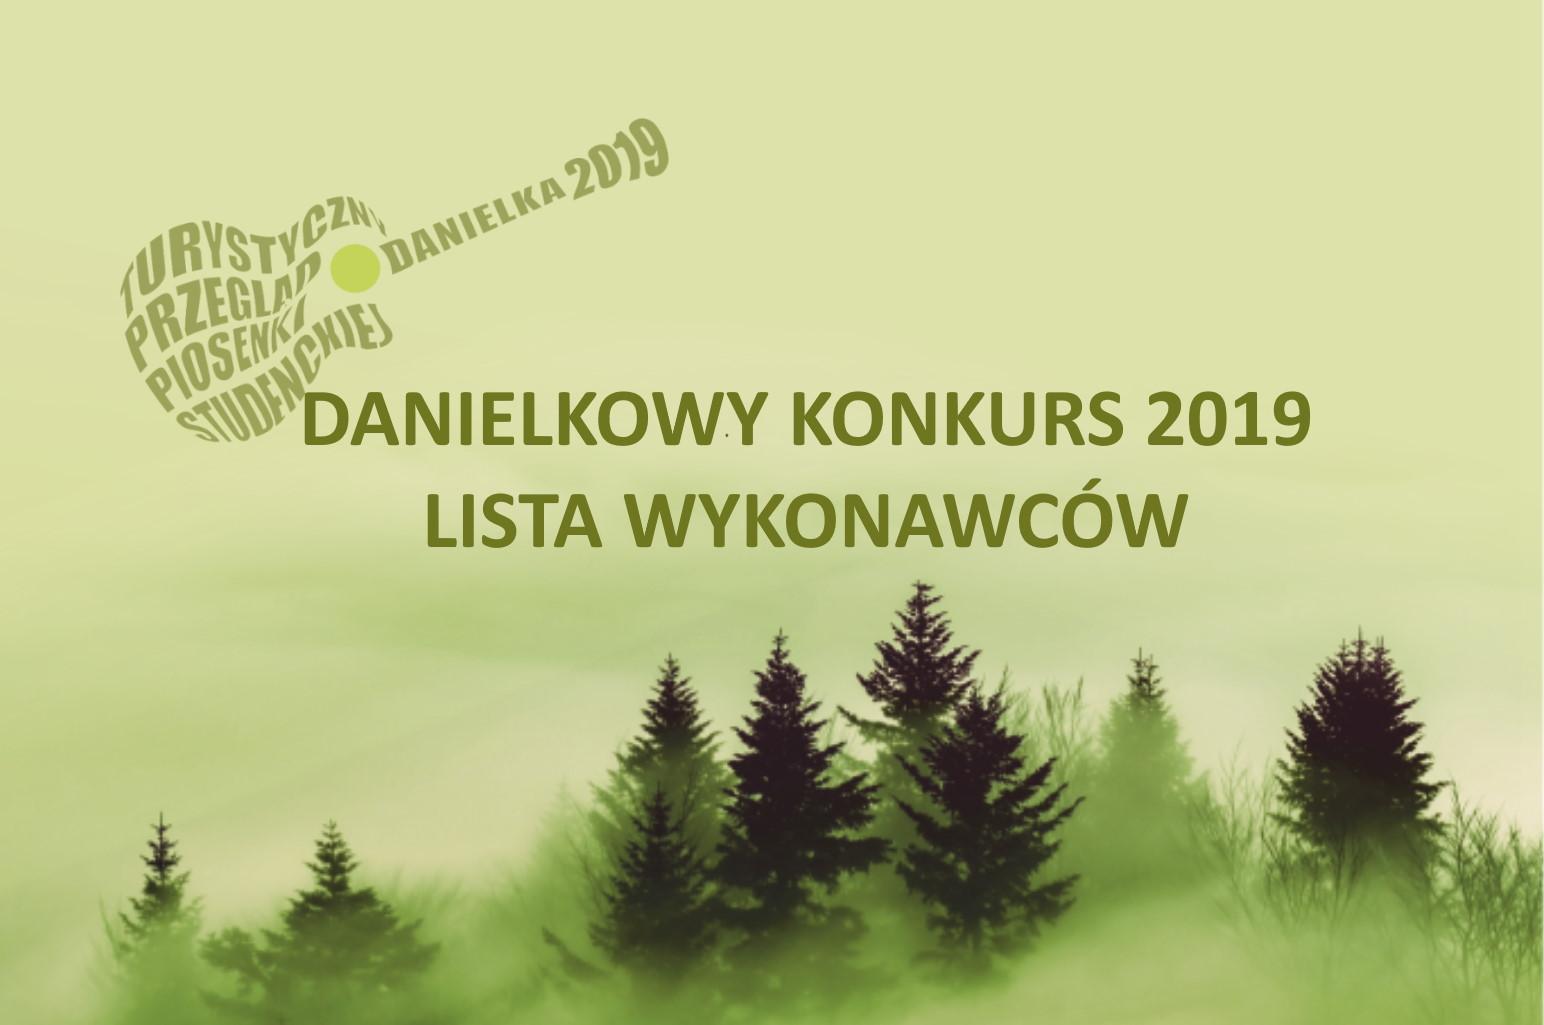 Lista wykonawców Danielkowego Konkursu 2019